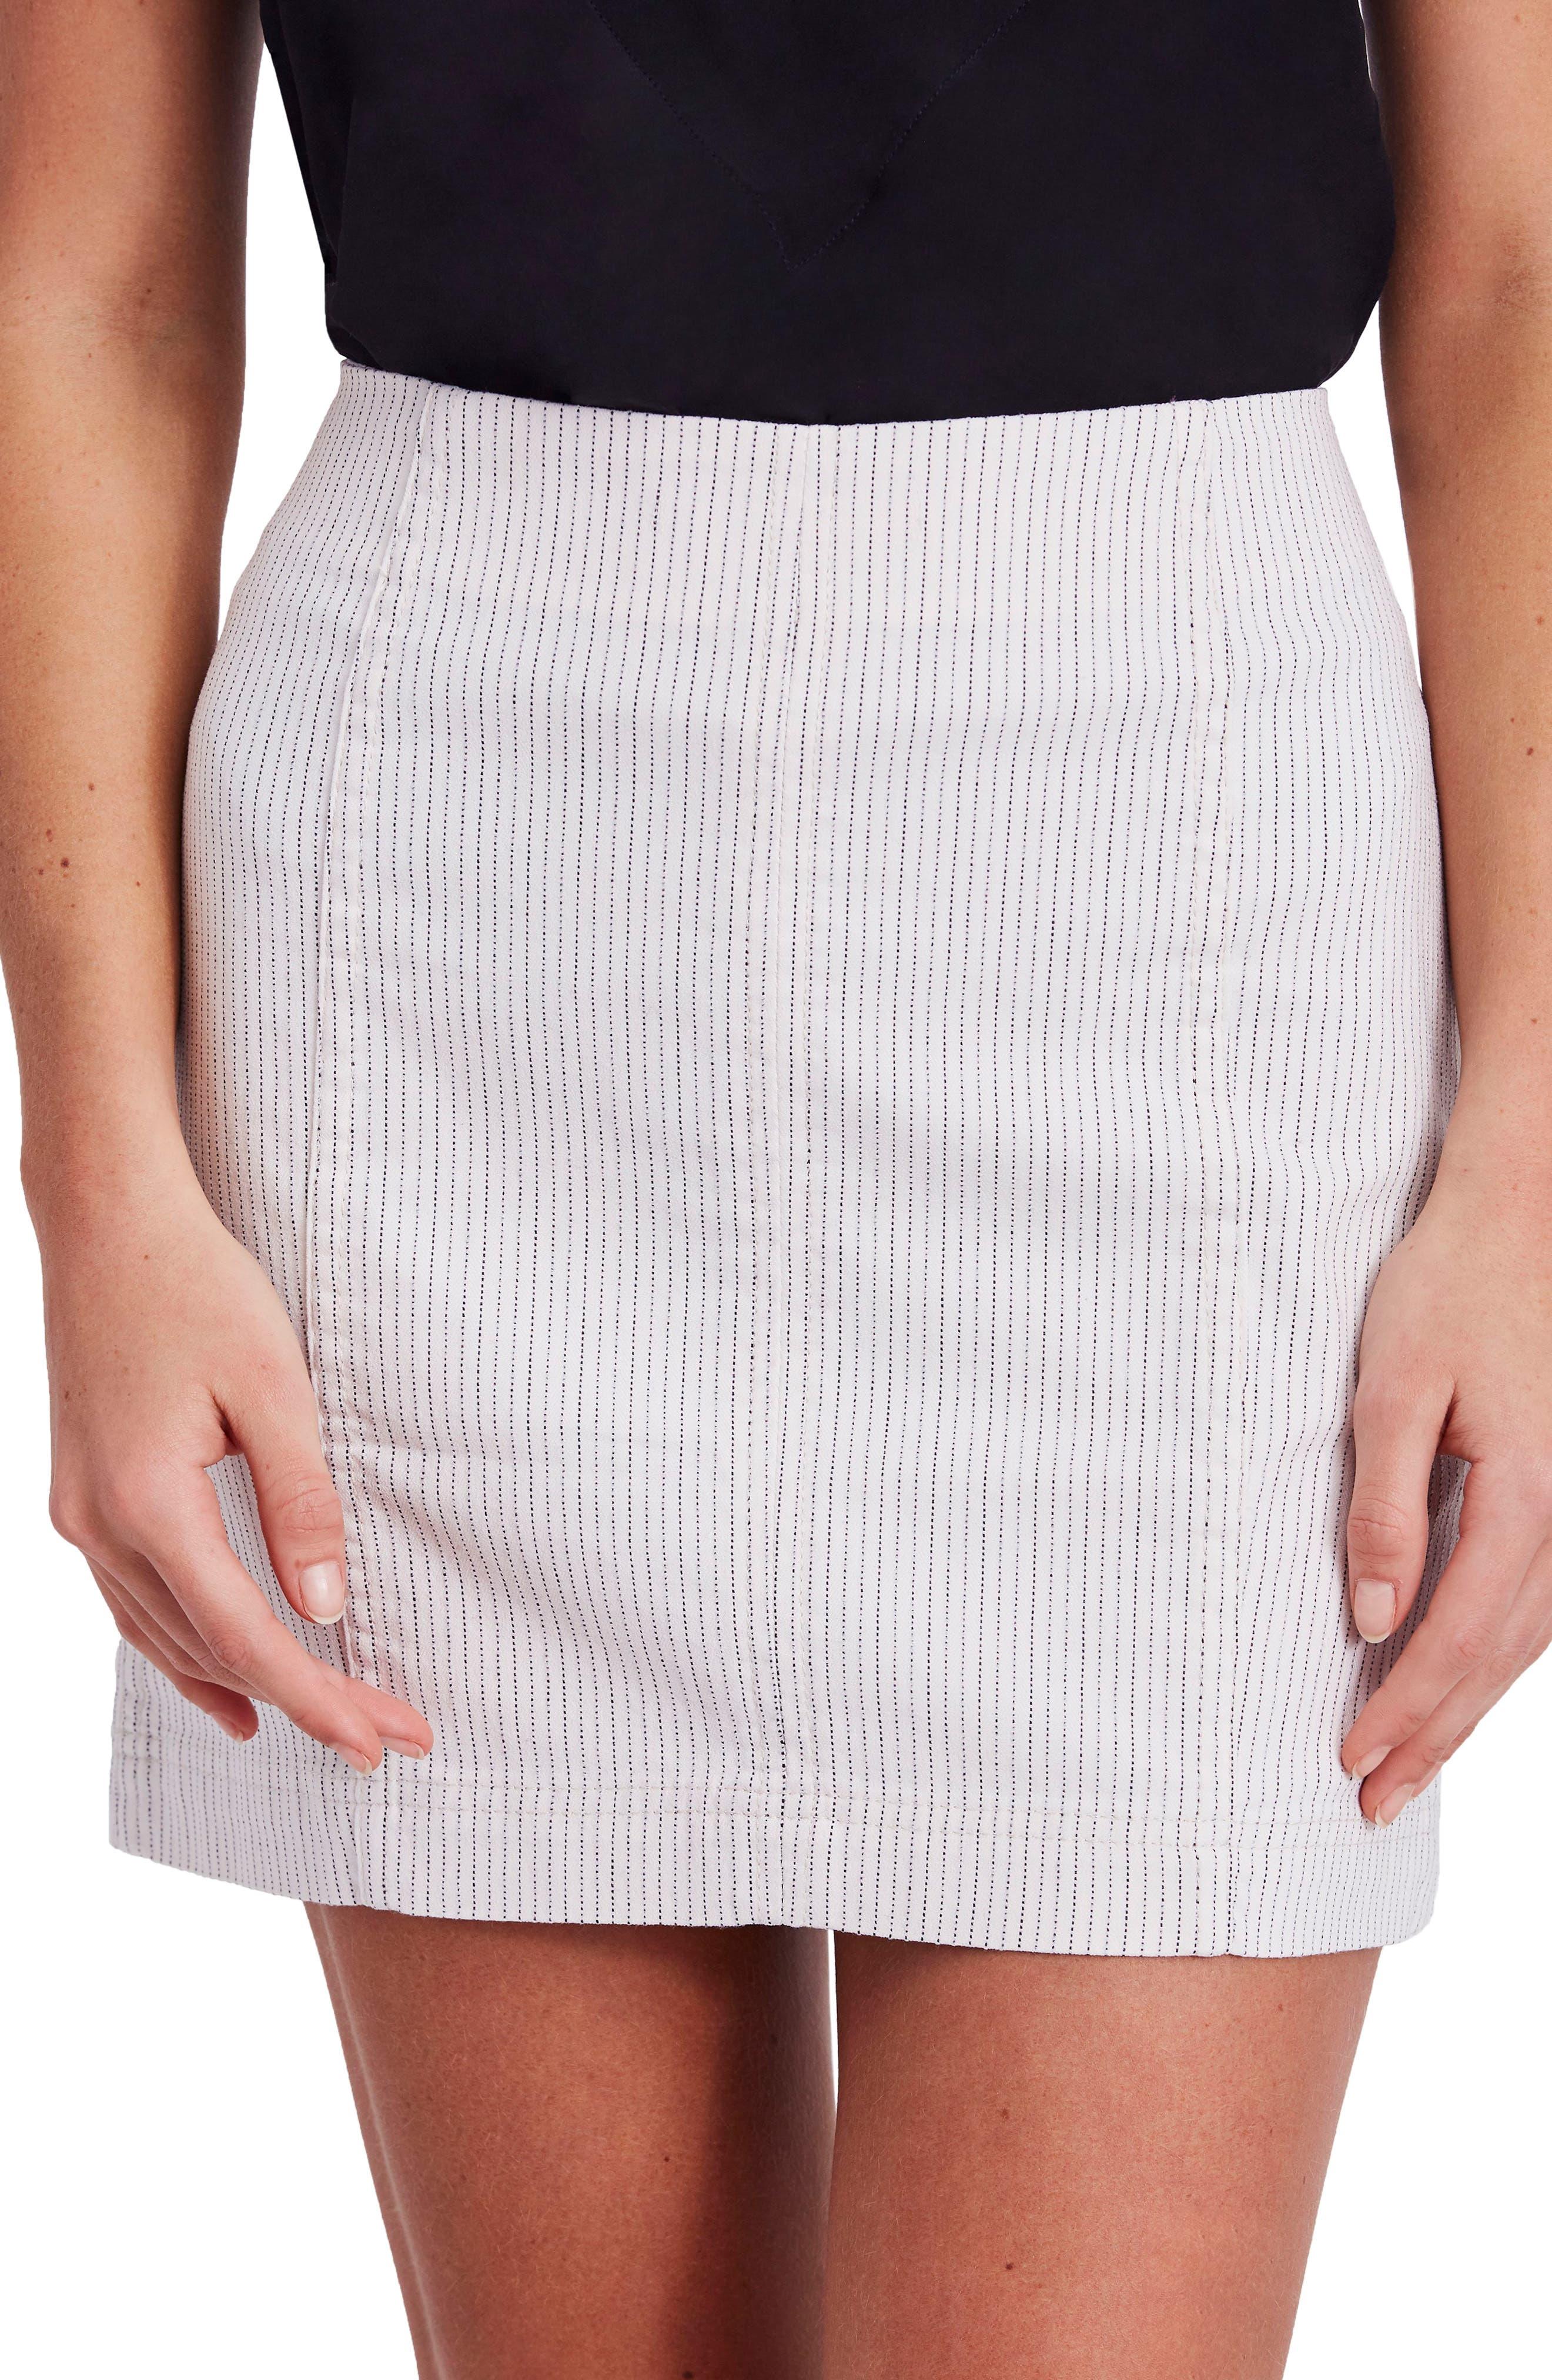 Modern Femme Pinstripe Skirt,                         Main,                         color, Black And White Combo